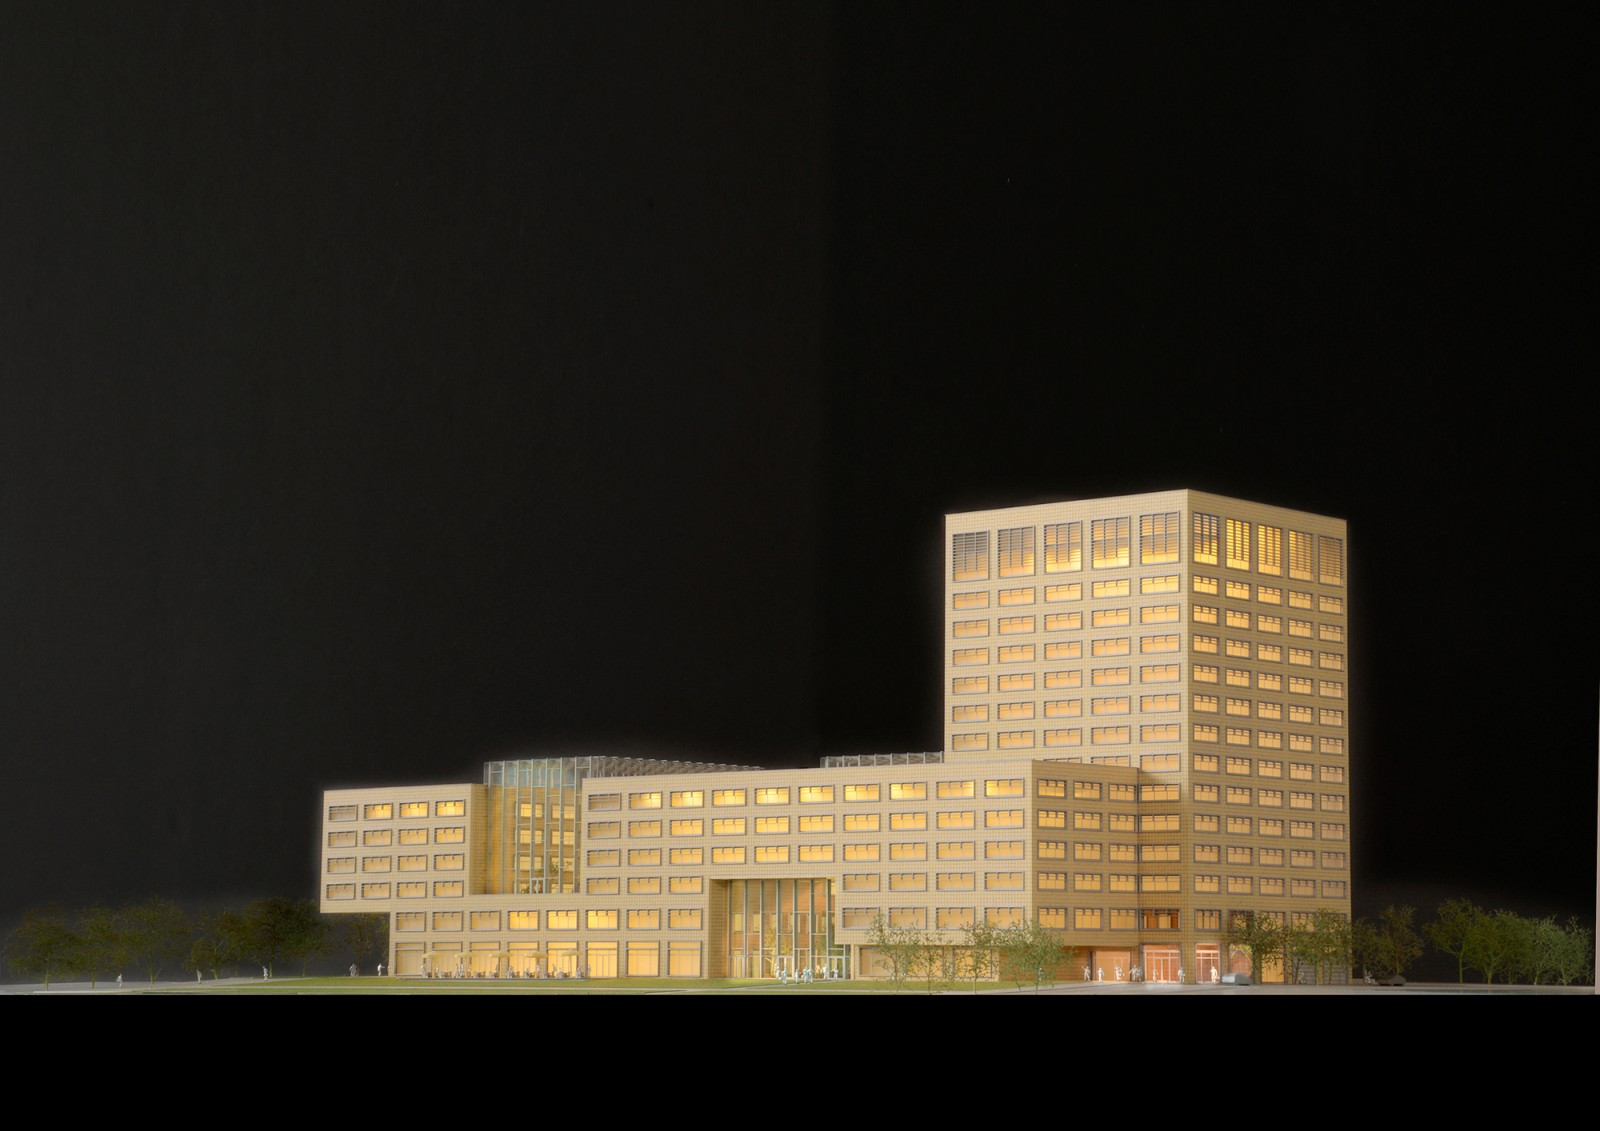 The Herman Teirlinckbuilding